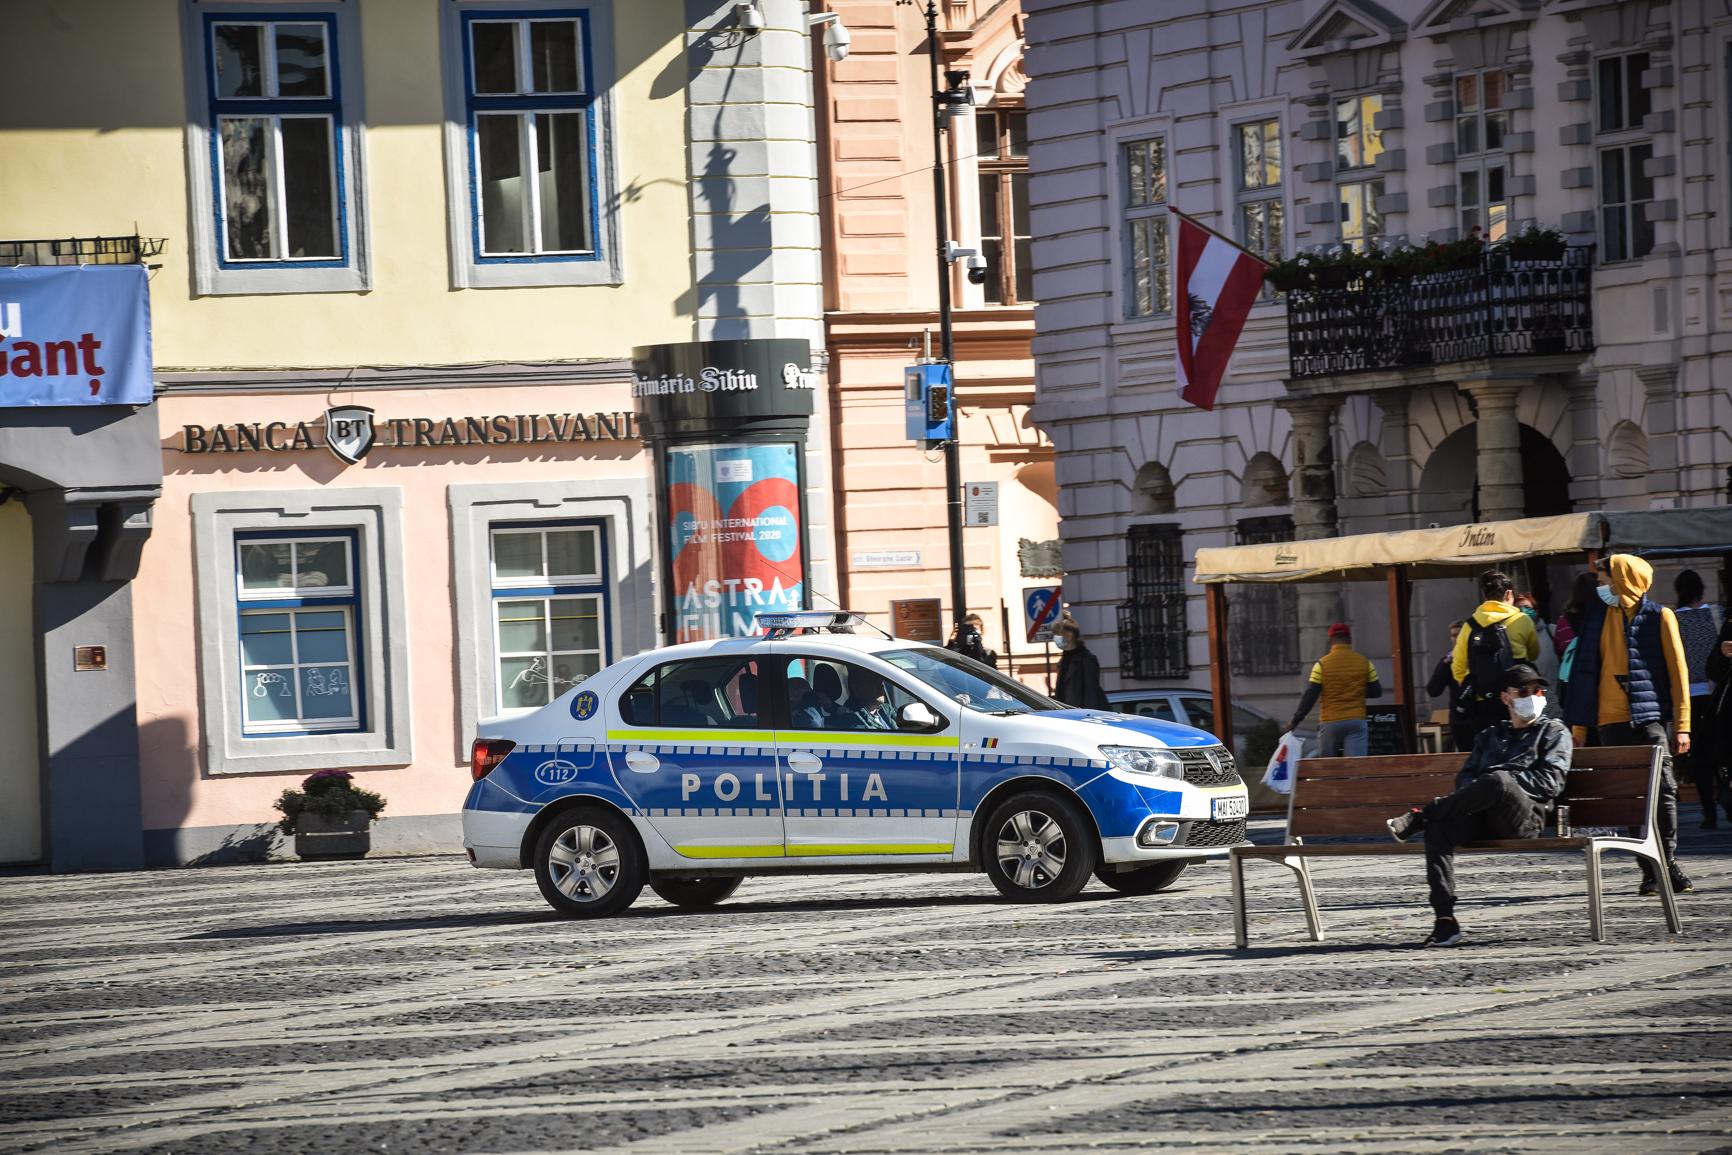 Poliția continuă controalele - peste 100 de persoane amendate pentru lipsa măștii, alte 23 pentru deplasări ilegale